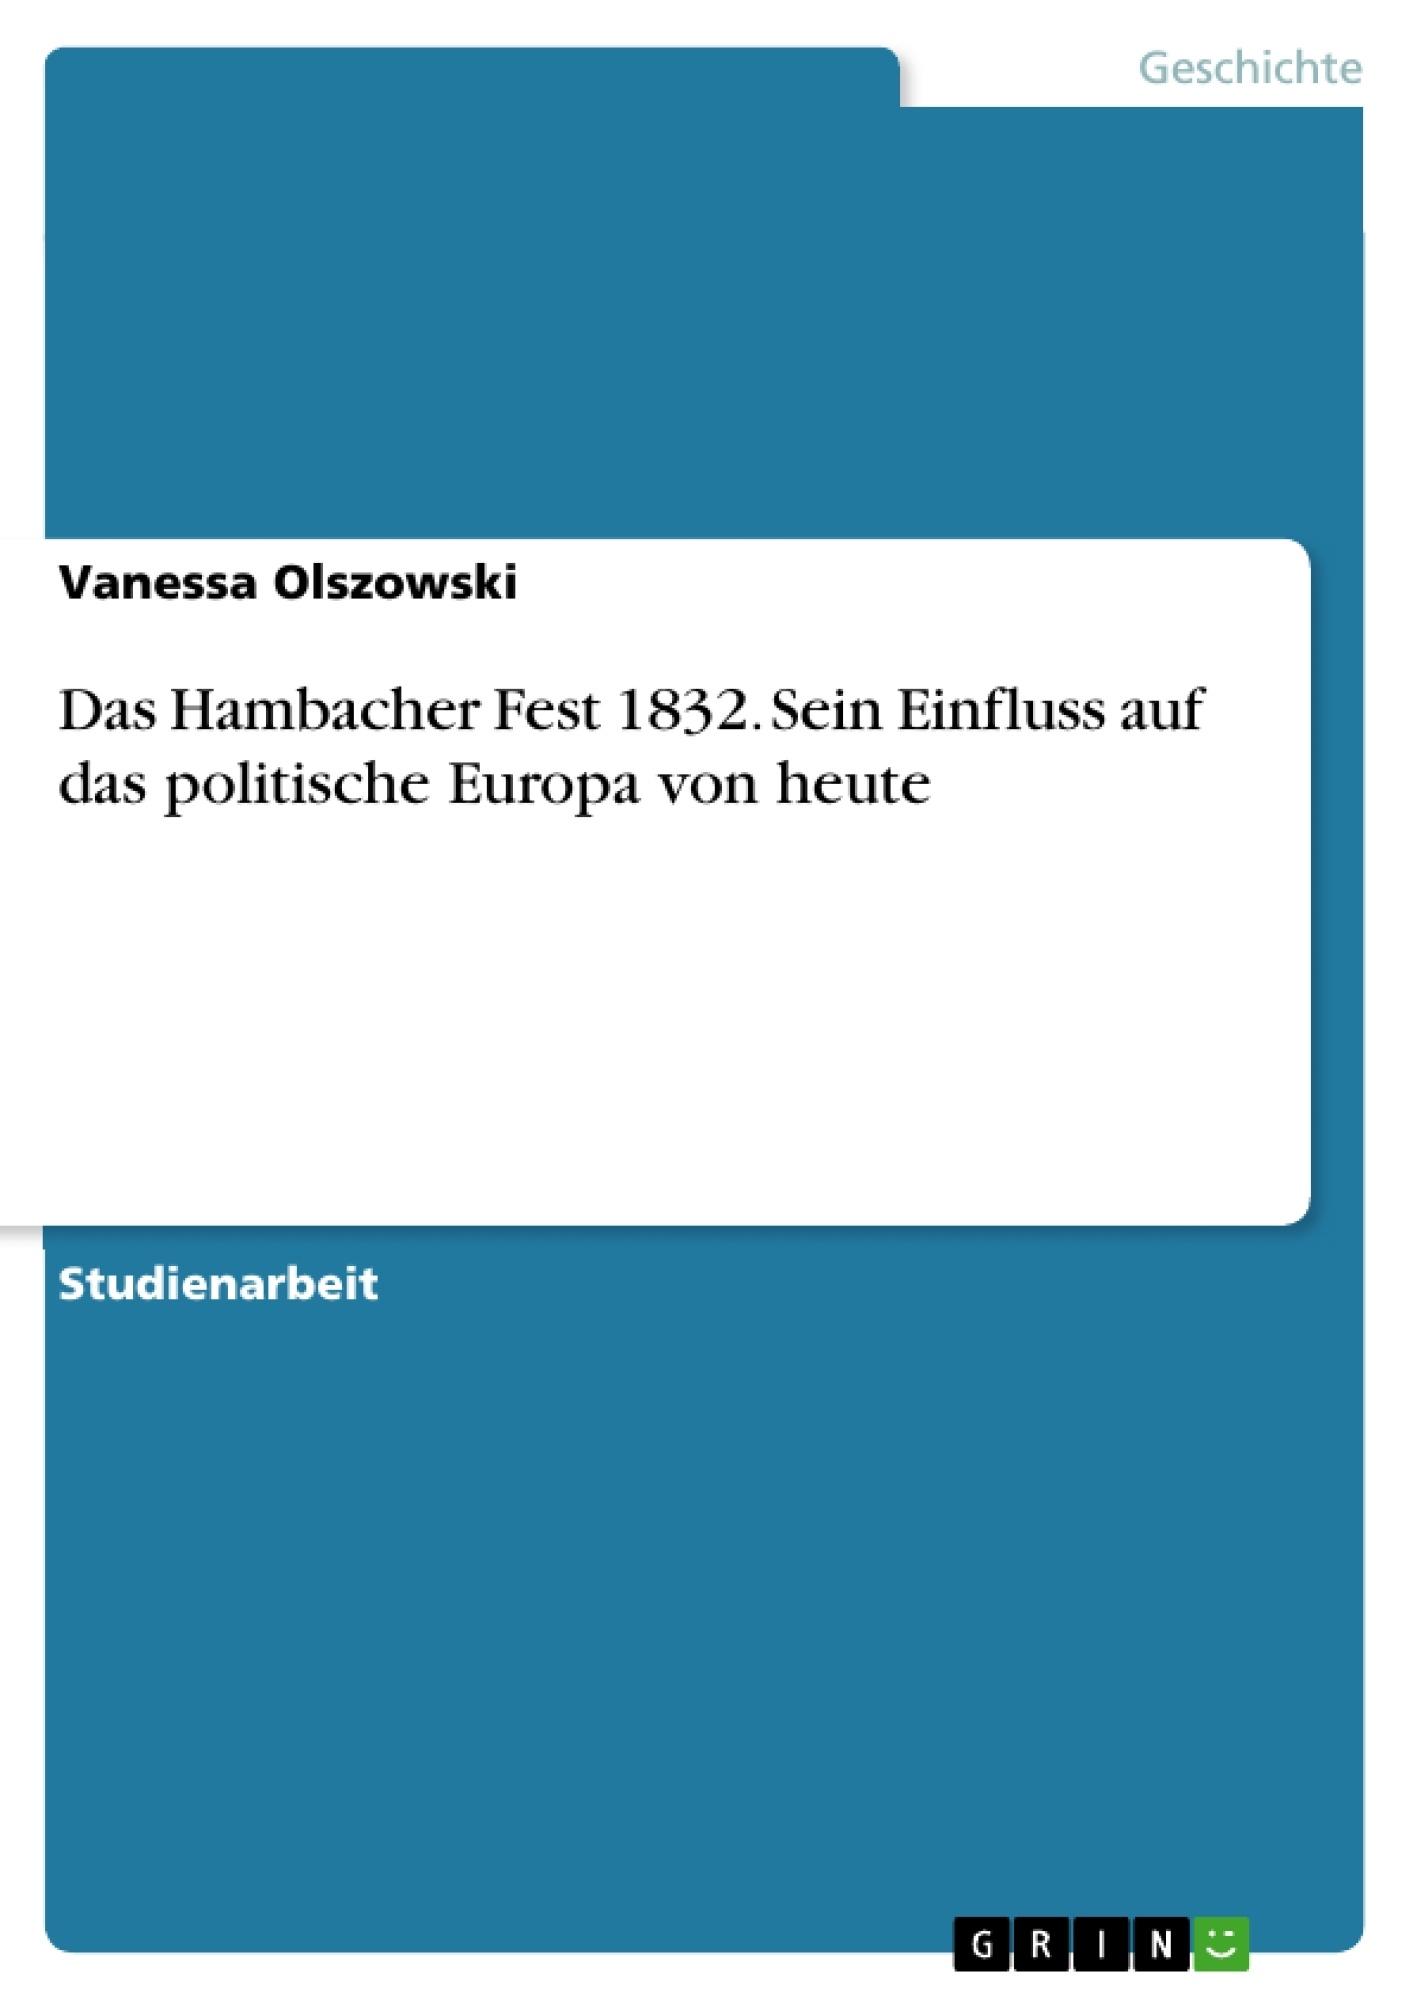 Titel: Das Hambacher Fest 1832. Sein Einfluss auf das politische Europa von heute